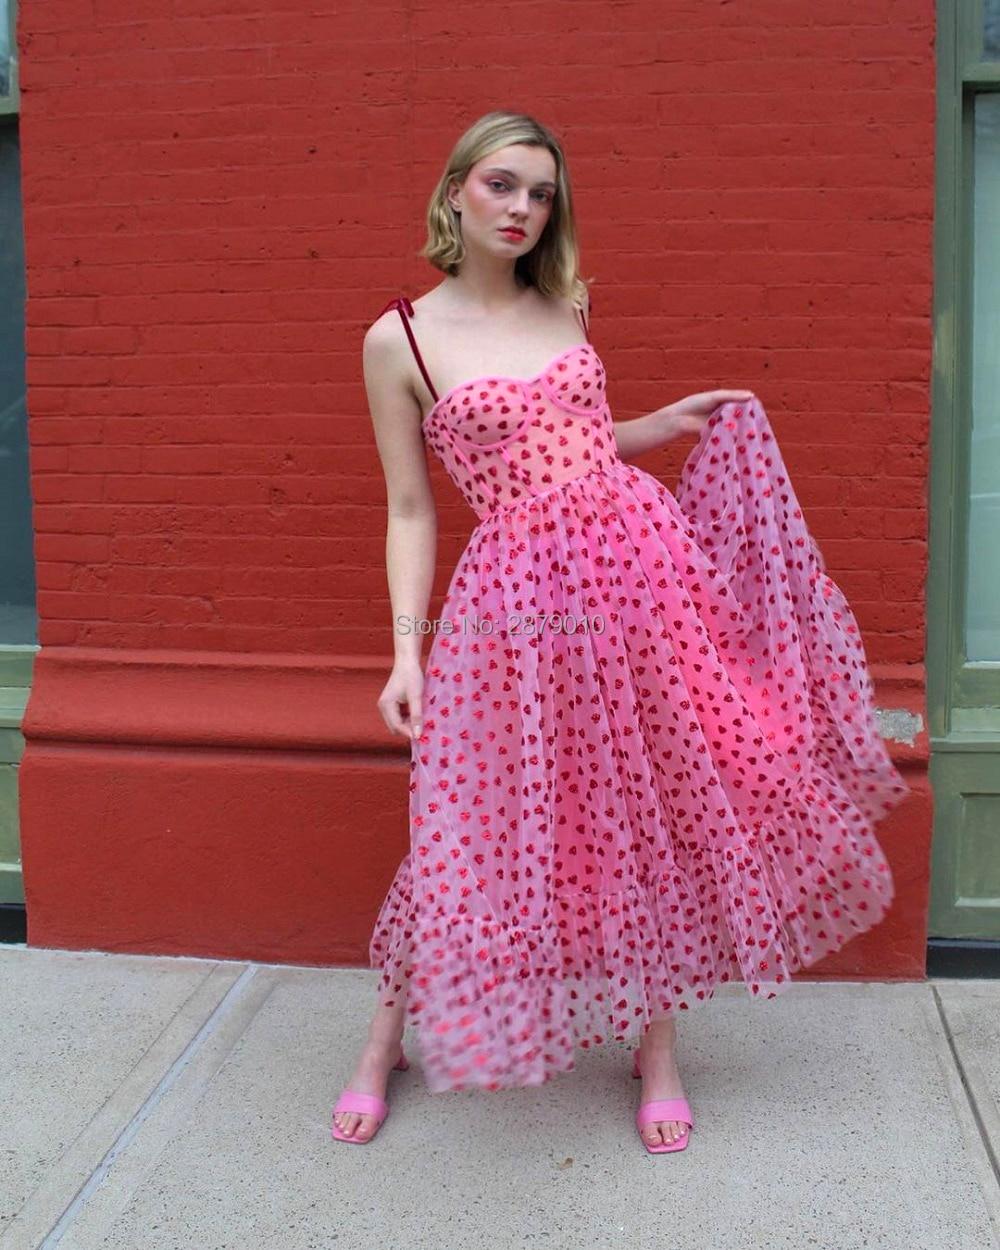 2020 клубничное платье для выпускного вечера, коктейльное платье трапециевидной формы длиной до щиколотки, котельный костюм, праздничное пла